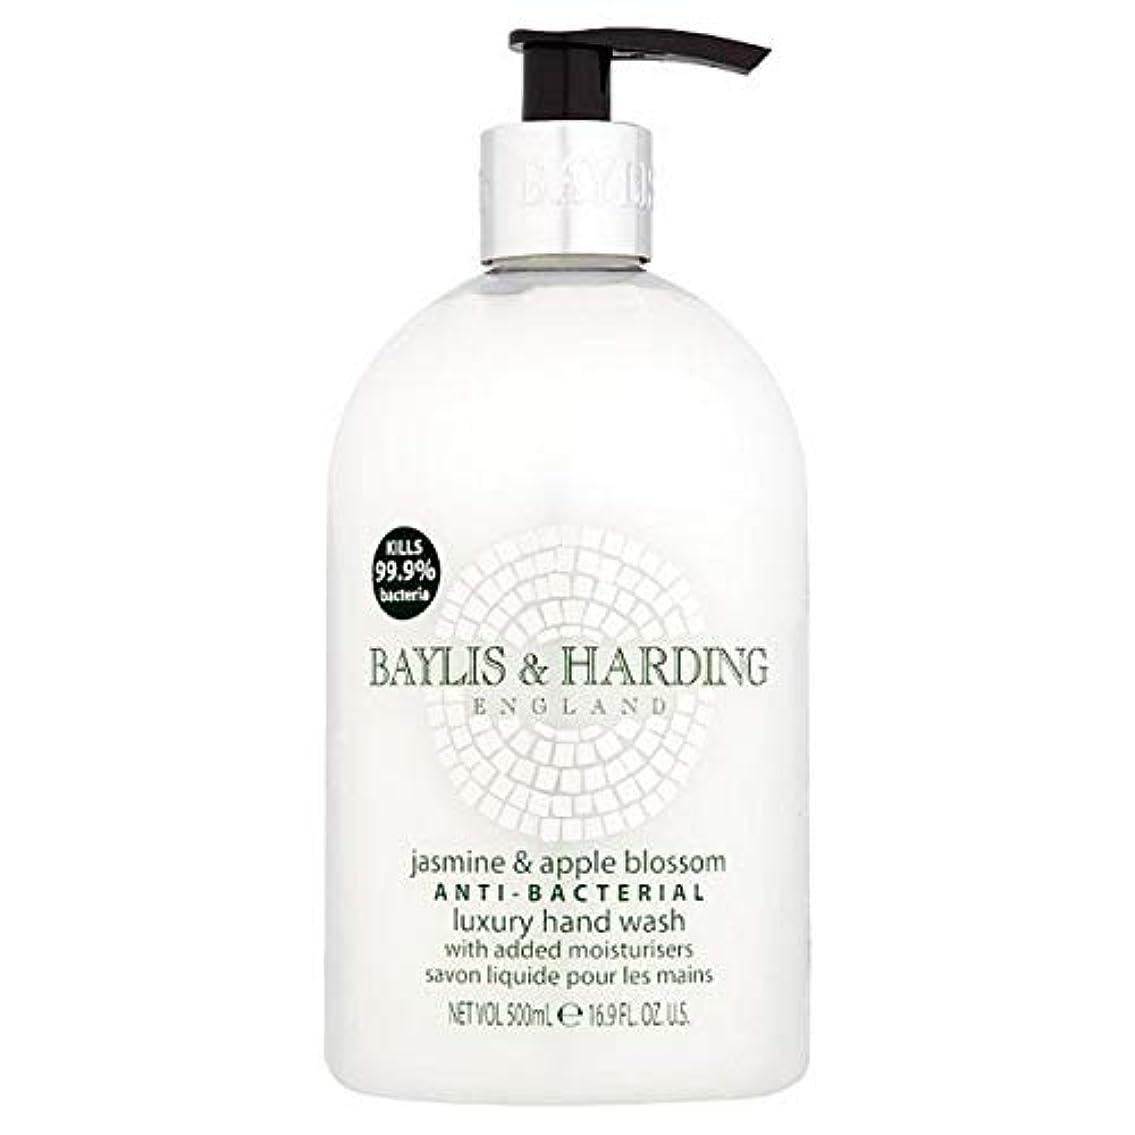 報酬の影響犯罪[Baylis & Harding ] ベイリス&ハーディング署名抗菌手洗い用500ミリリットル - Baylis & Harding Signature Antibacterial Hand Wash 500ml [並行輸入品]